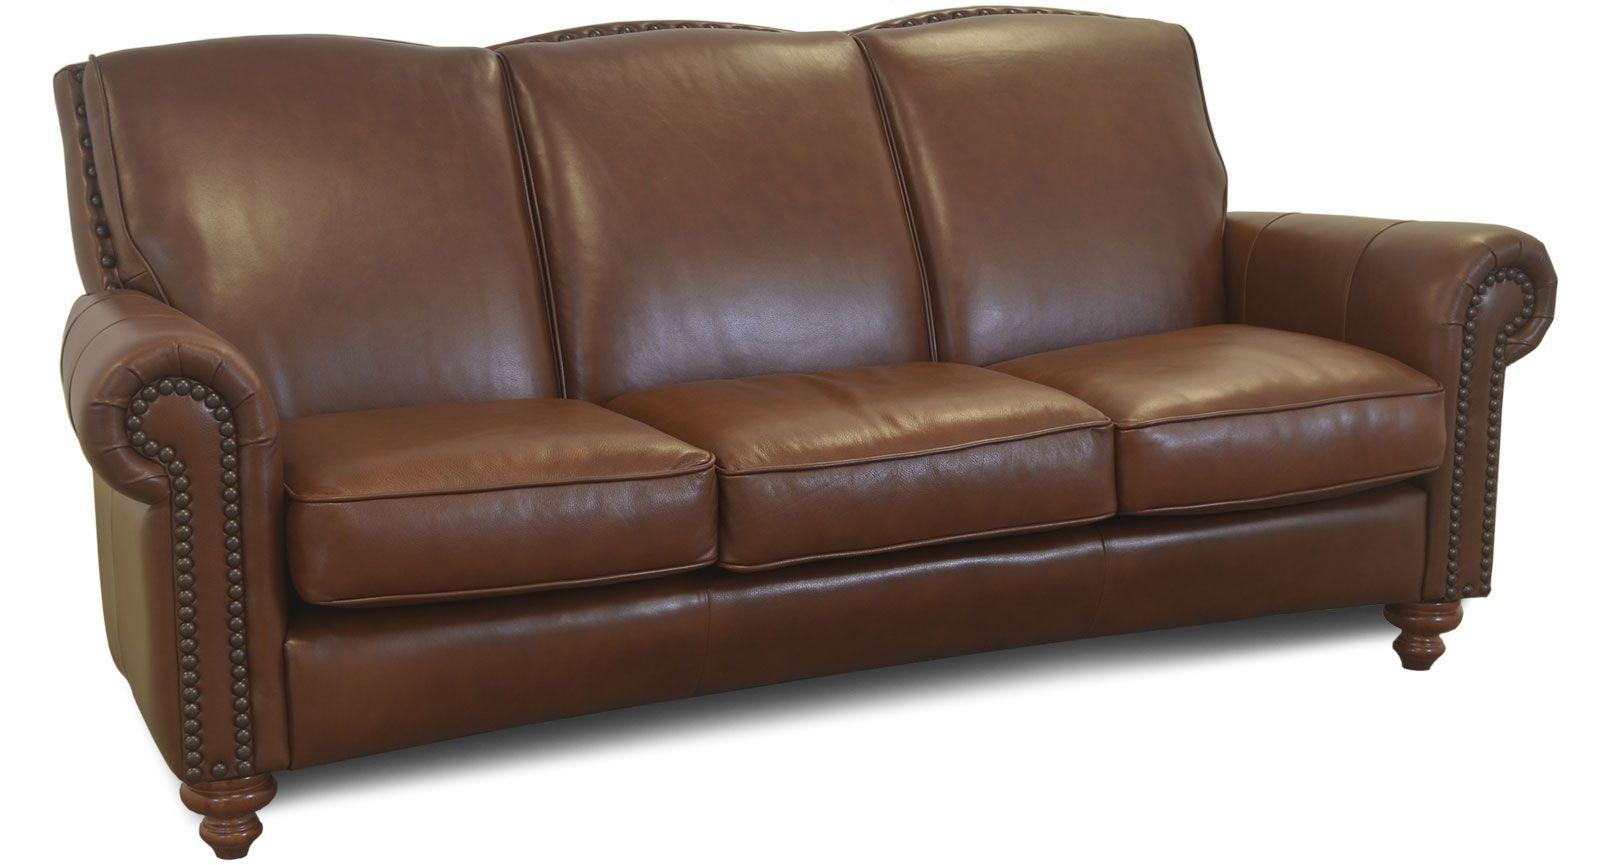 Jordicia Sofa The Leather Sofa Company Sofa Company Sofa Leather Sofa